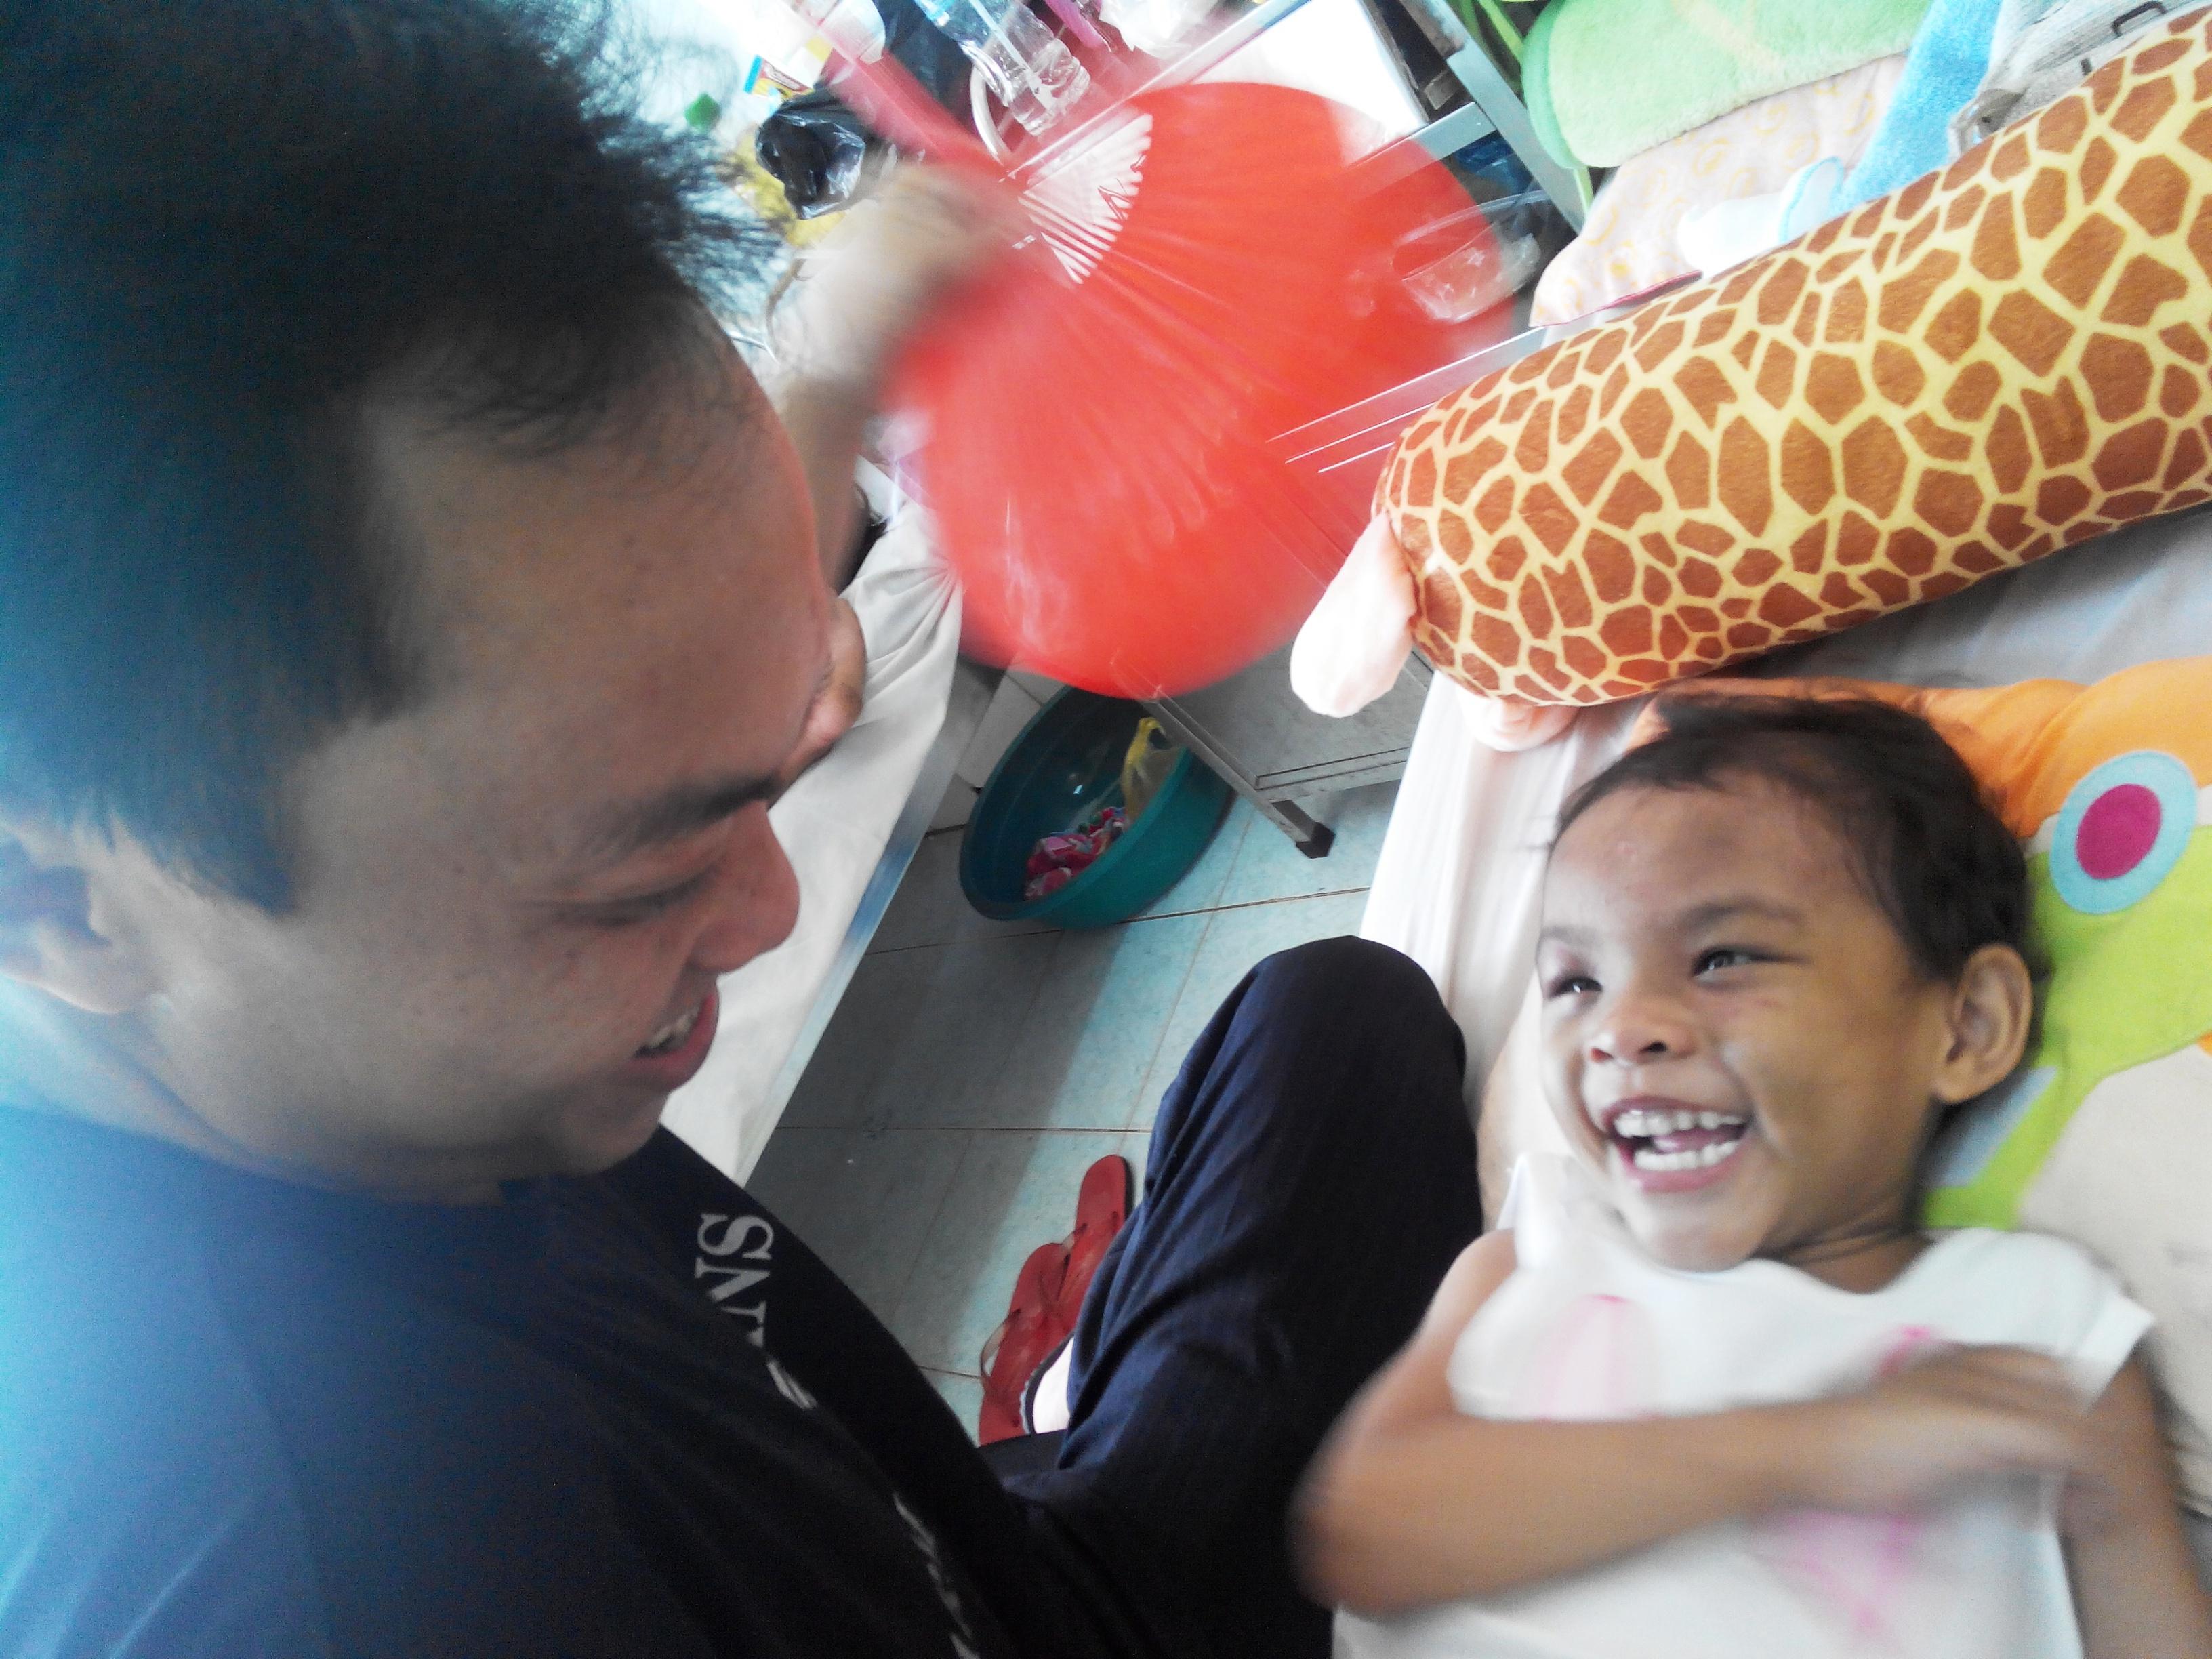 Vụ bé gái 4 tuổi bị đánh dã man: Đưa bé Ngân đi giám định thương tật 5